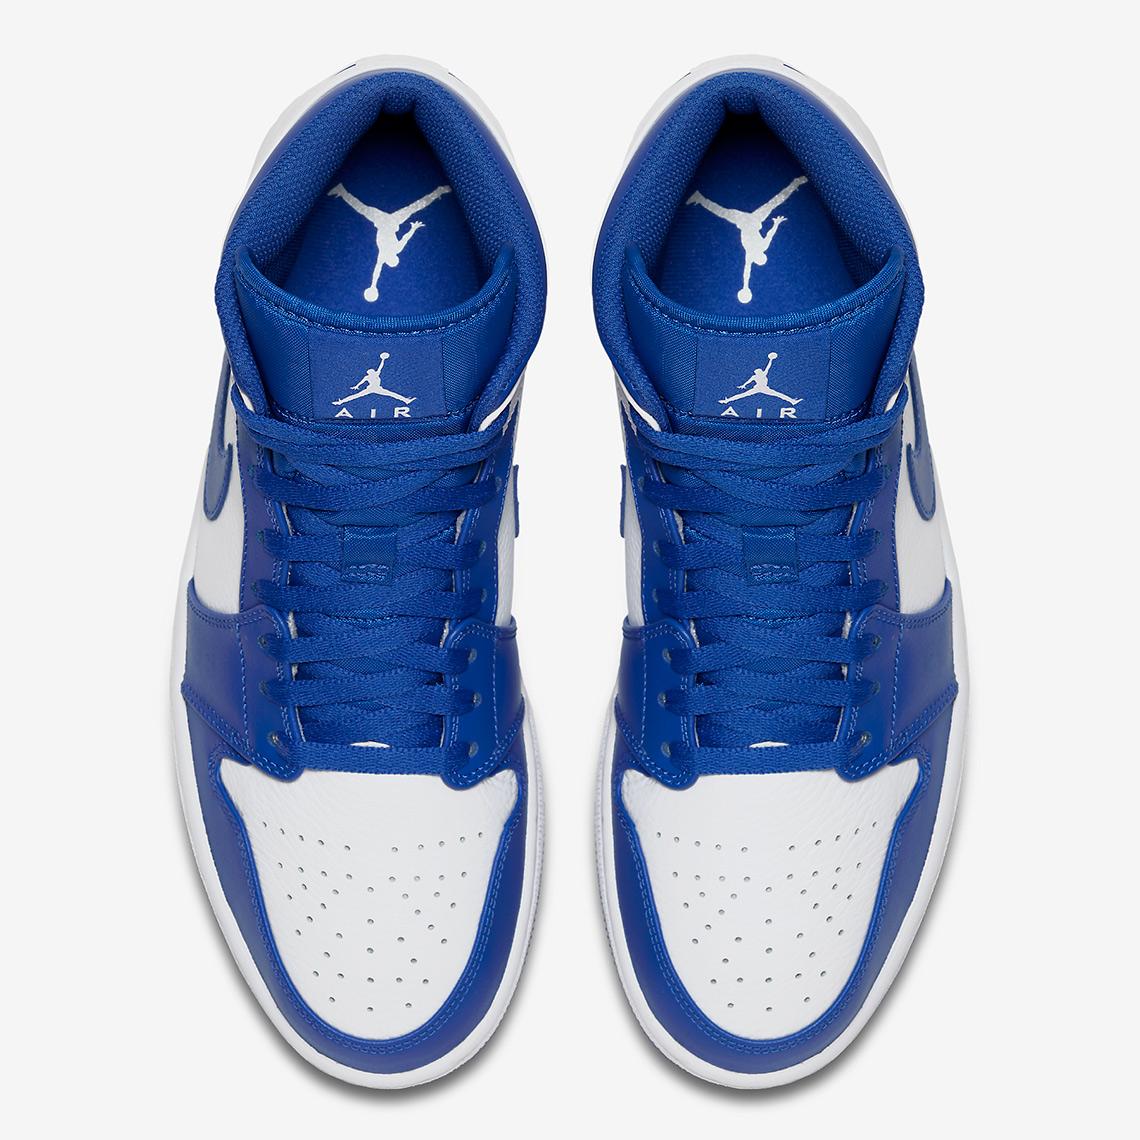 8215b7b37c0 Air Jordan 1 Mid